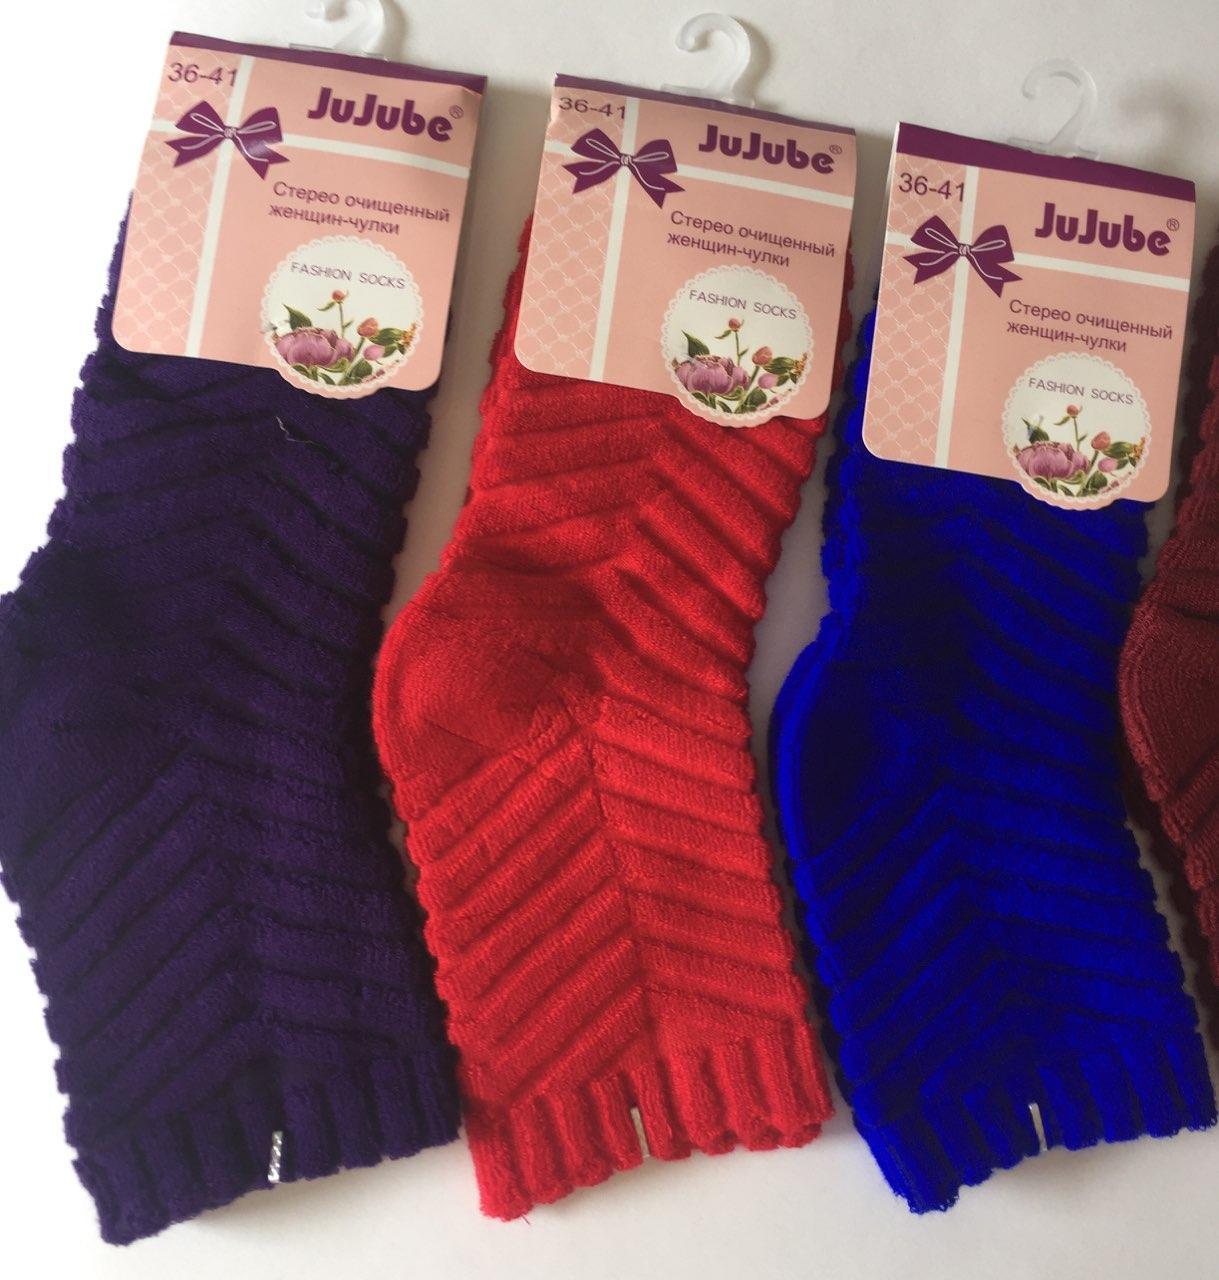 Махровые женские носки 36-41 Кролик JuJuBe  Полоска